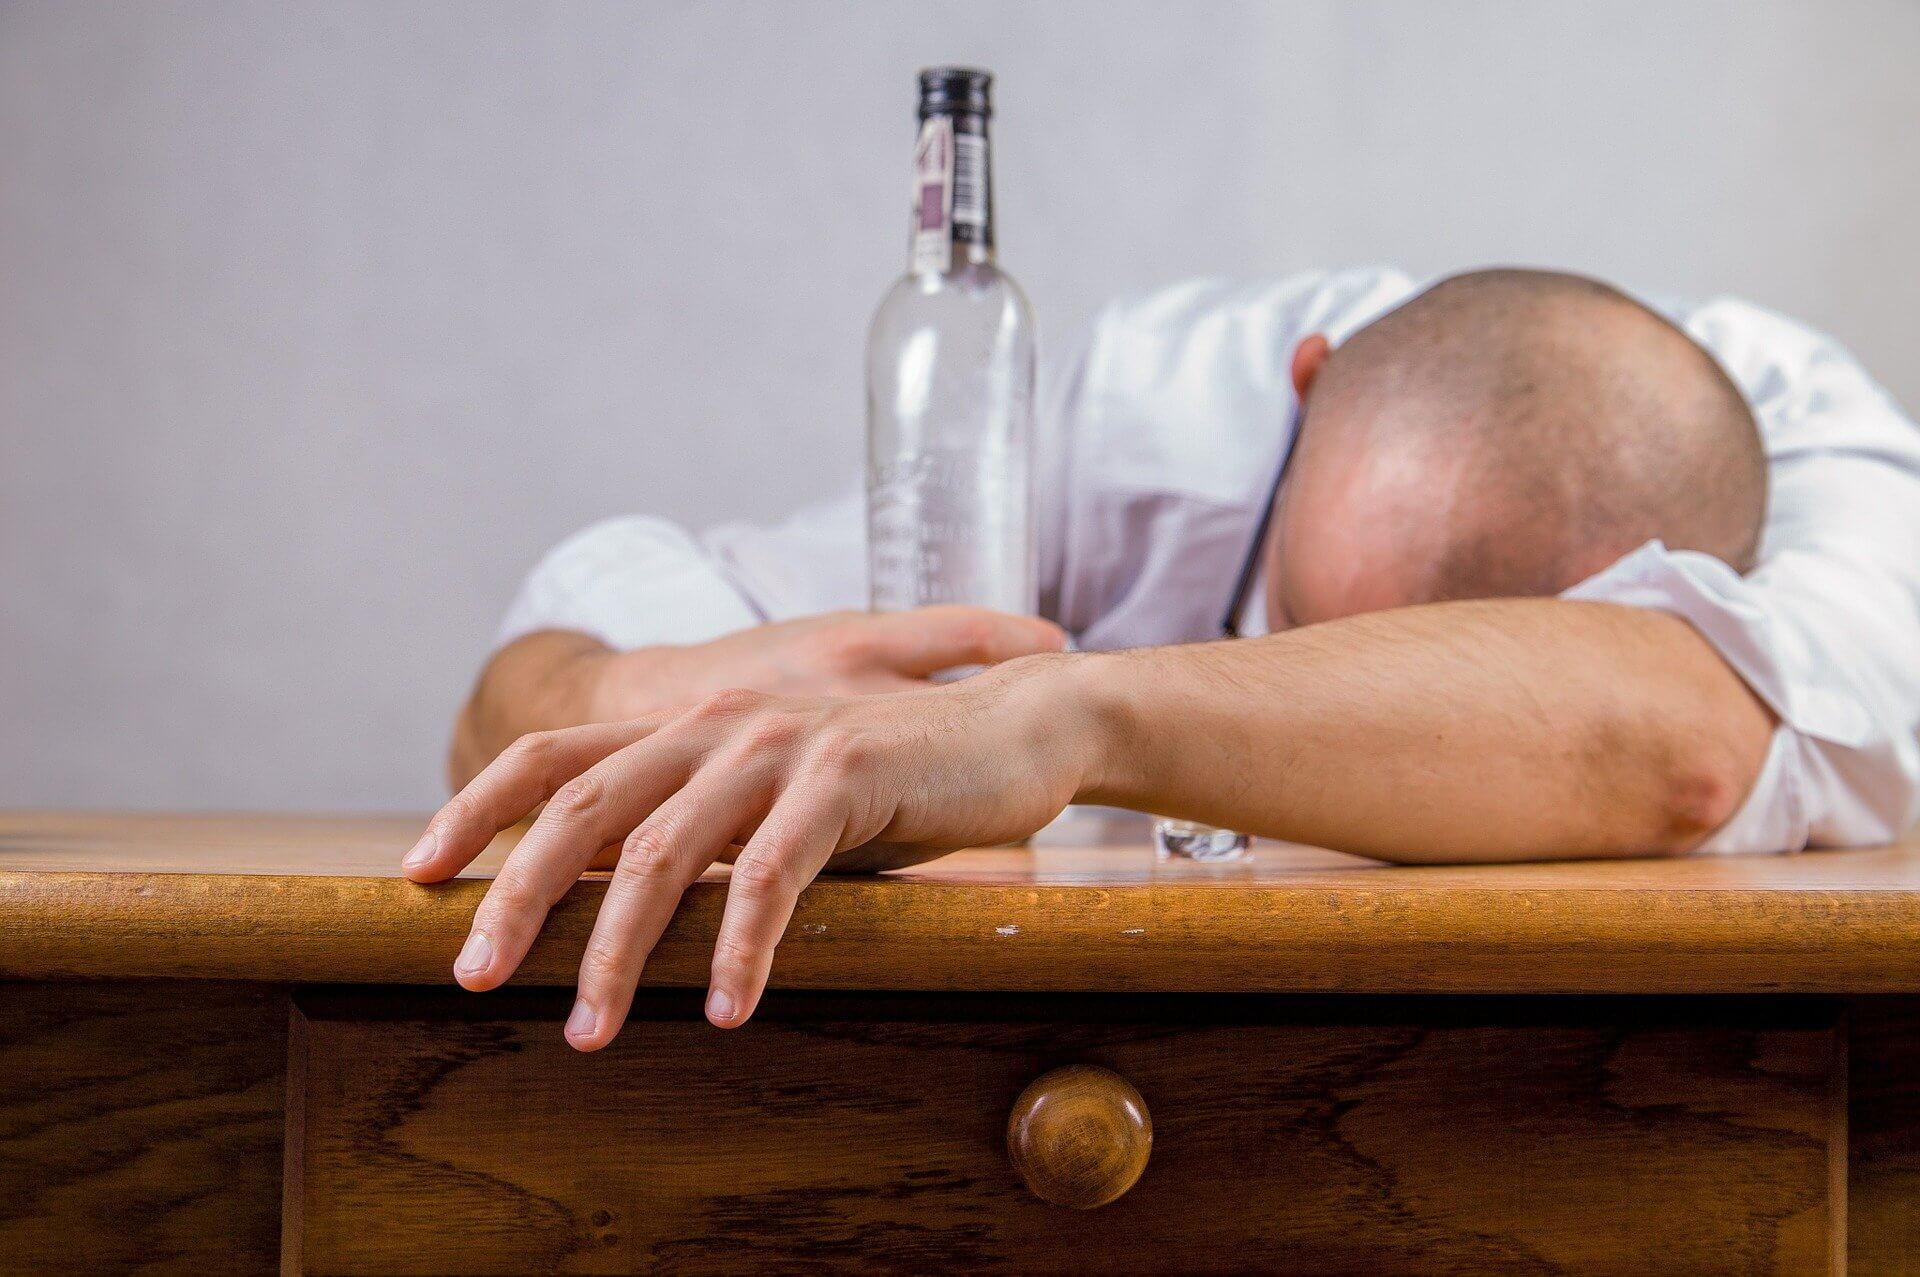 Konsekvenserne af alkoholmisbrug